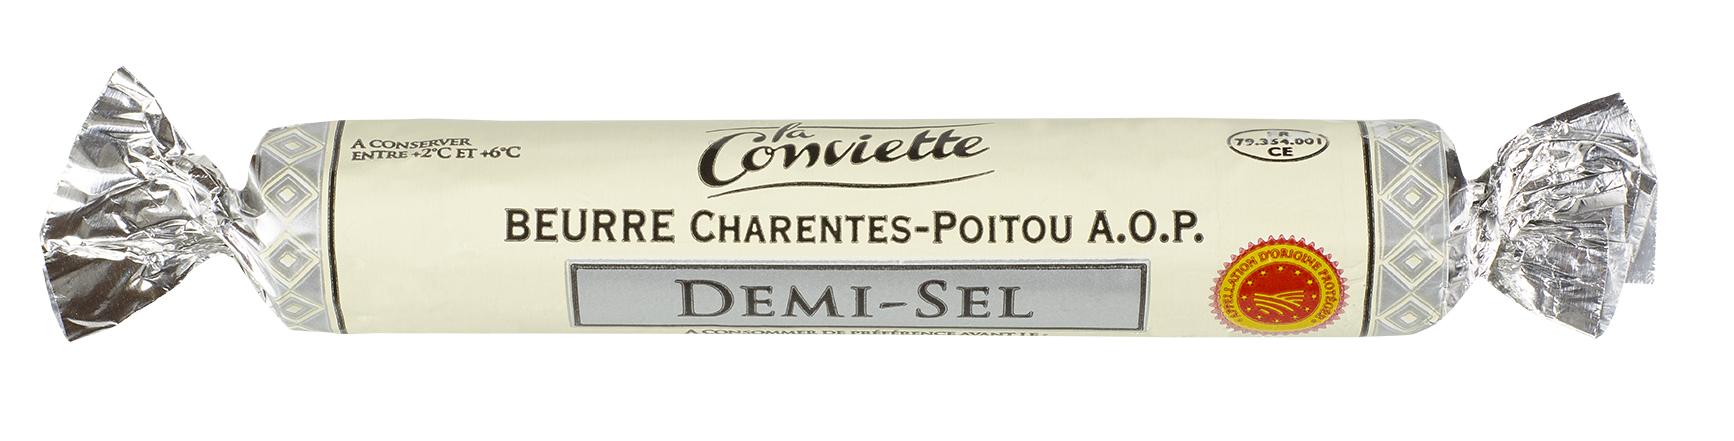 Beurre AOP demi-sel La Conviette portion